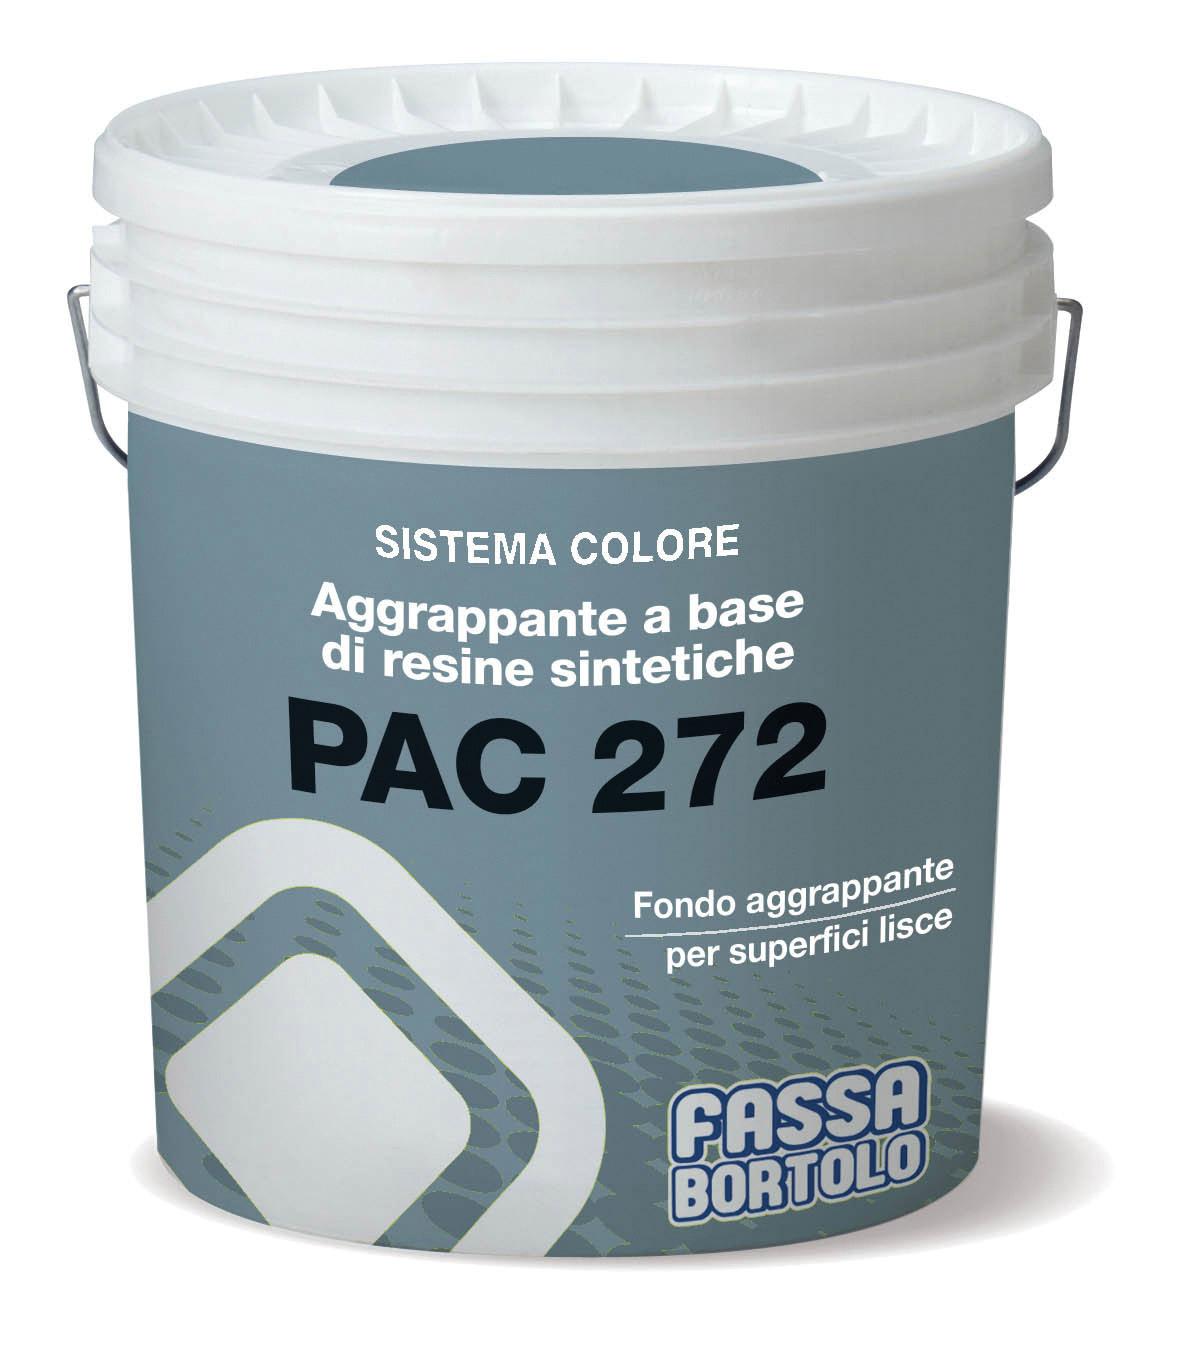 PAC 272: Aggrappante a base di resine sintetiche per intonaci a base di gesso e calce-gesso su calcestruzzo